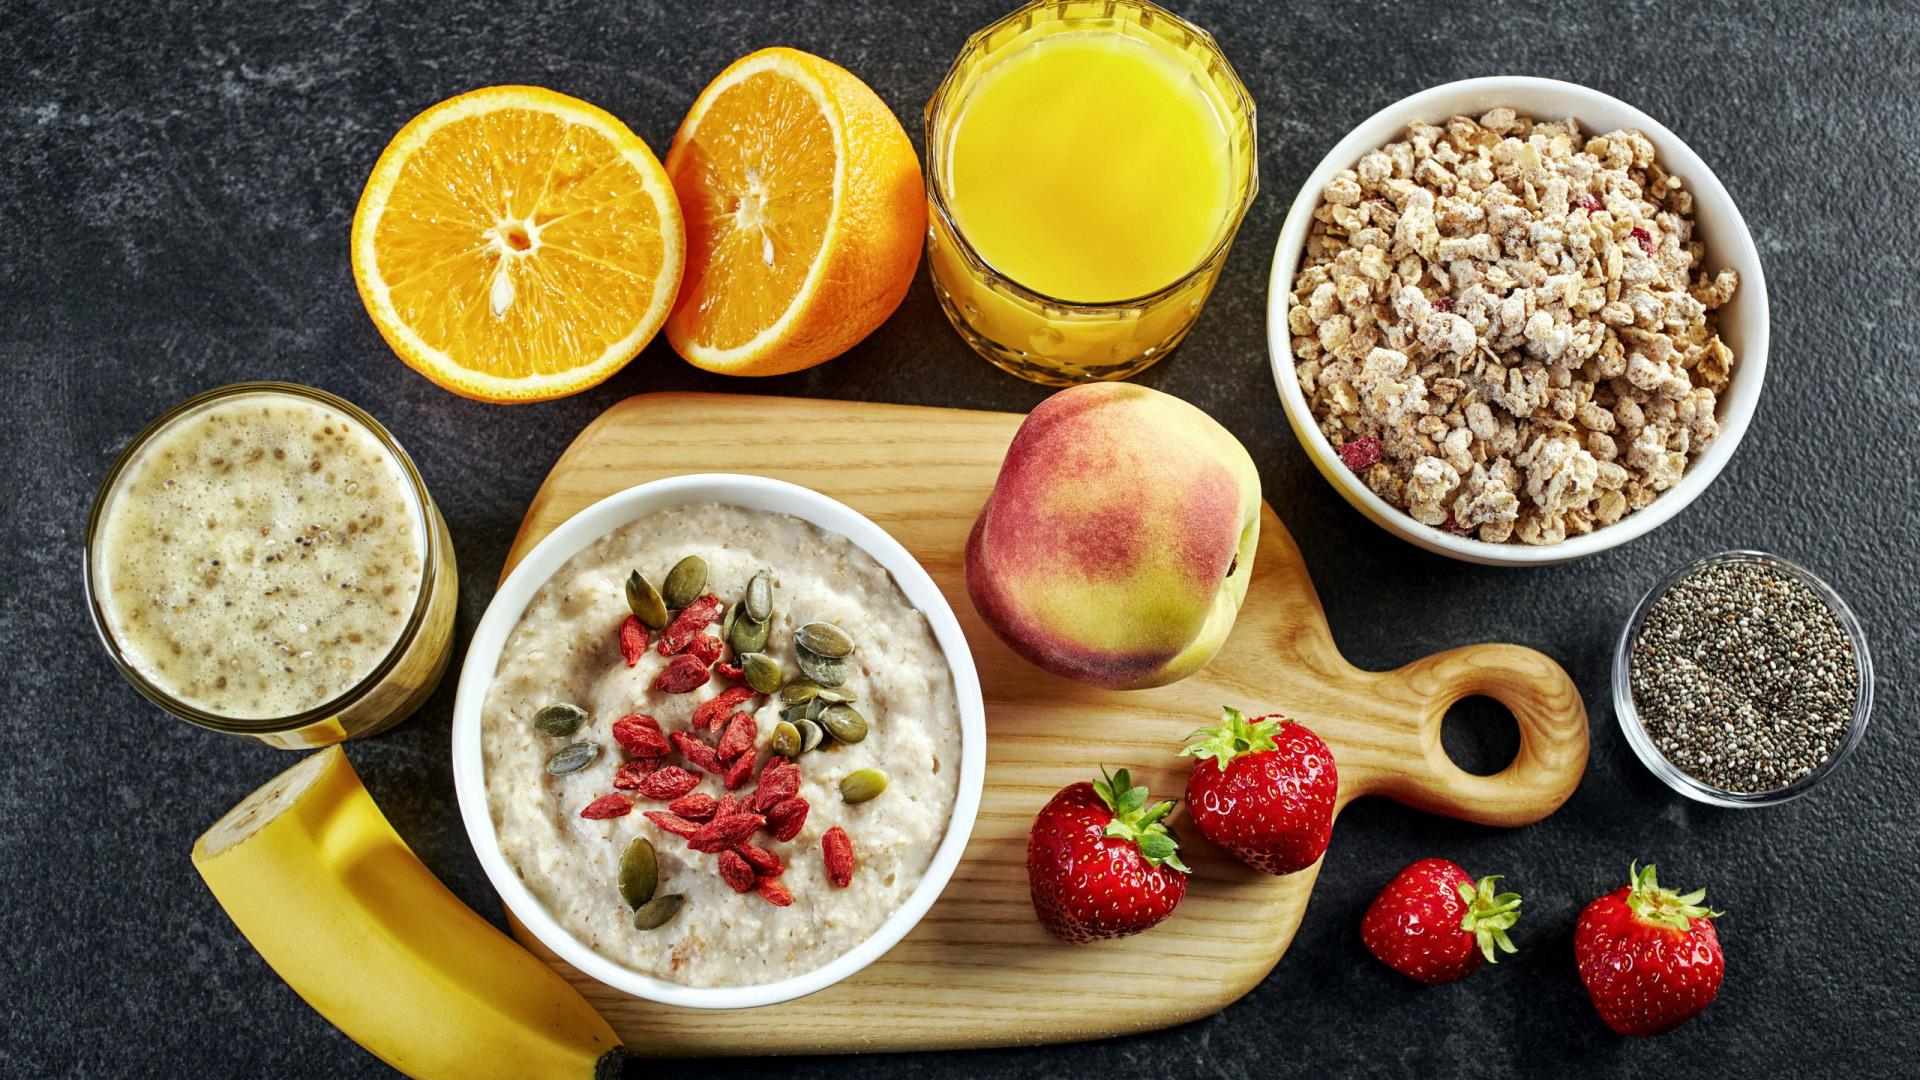 小清新,动感水果,橙,草莓,桃,果汁